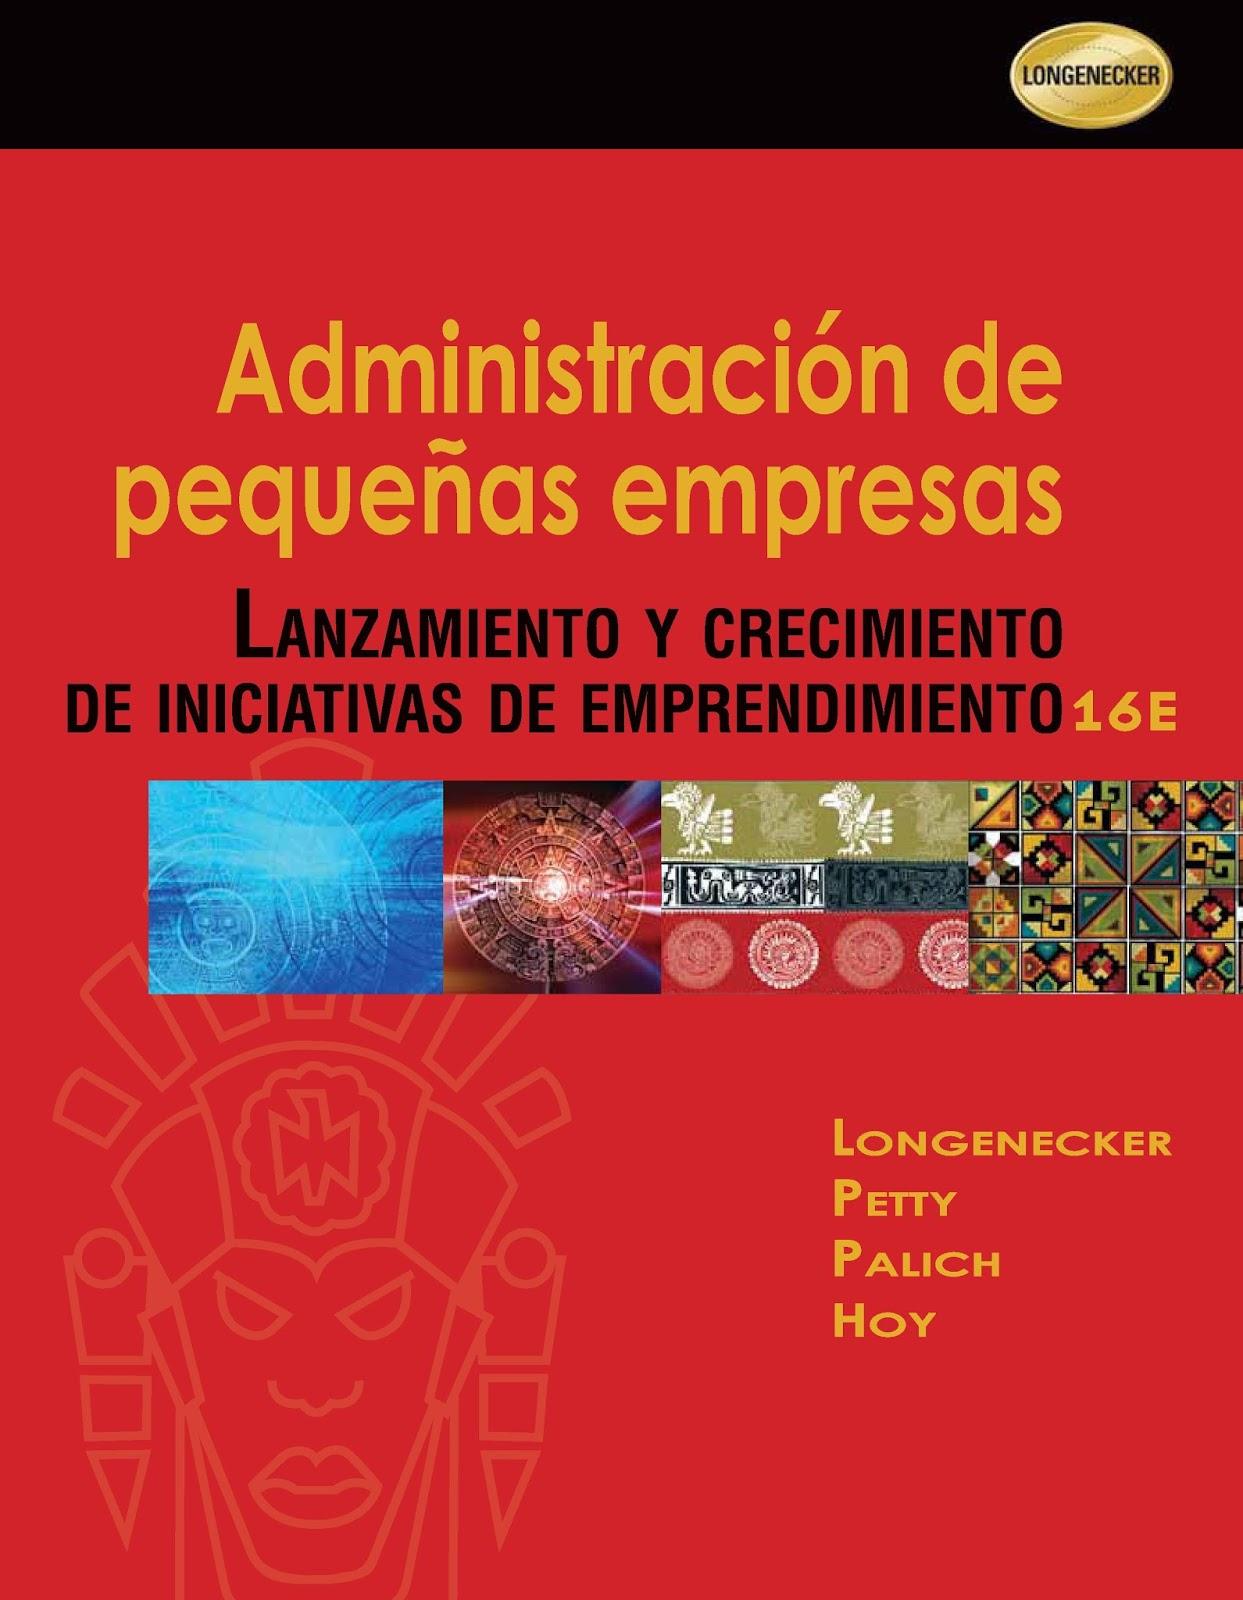 Administración de pequeñas empresas: Lanzamiento y crecimiento de iniciativas de emprendimiento, 16va. Edición – Justin G. Longenecker